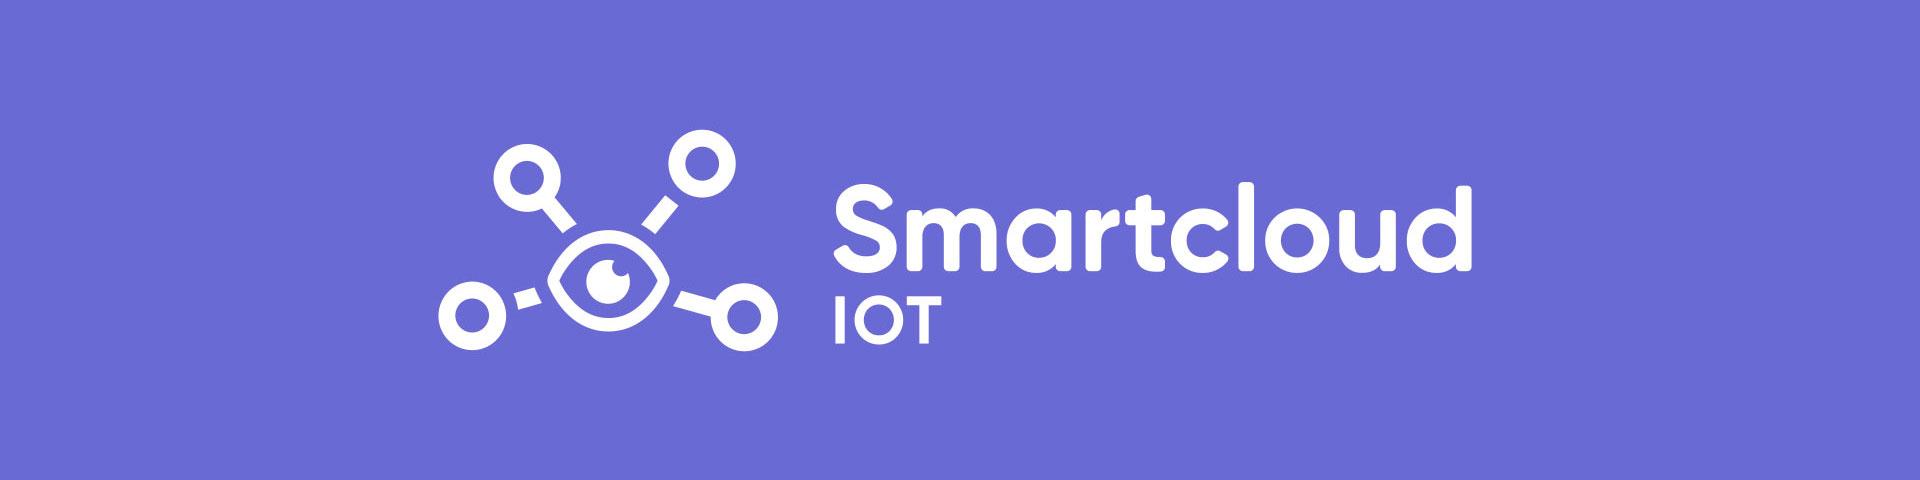 post smartcloud iot 1